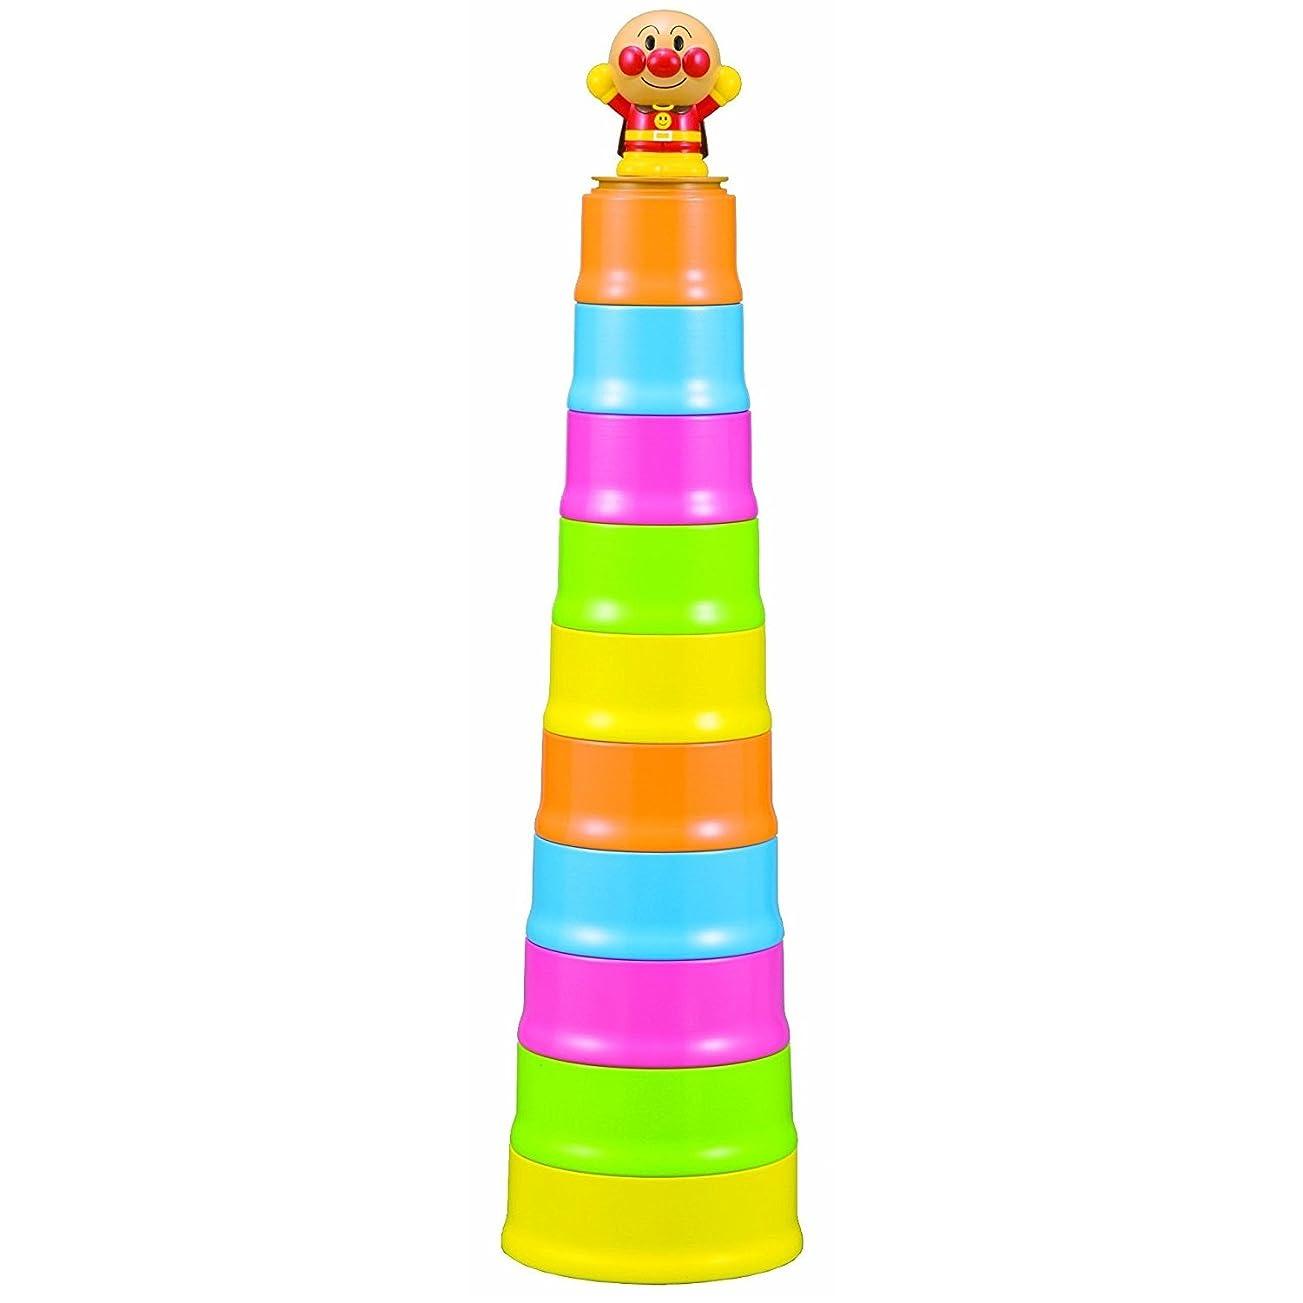 特性付属品ママモンテッソーリ イースター 12 卵 パズル - Sendida 知育玩具 学習おもちゃ ブロックおもちゃ 12カラーシェイプ マッチングエッグセット はめこみ 形合わせ な色、形、分類認識スキル 学習玩具 (卵12個)